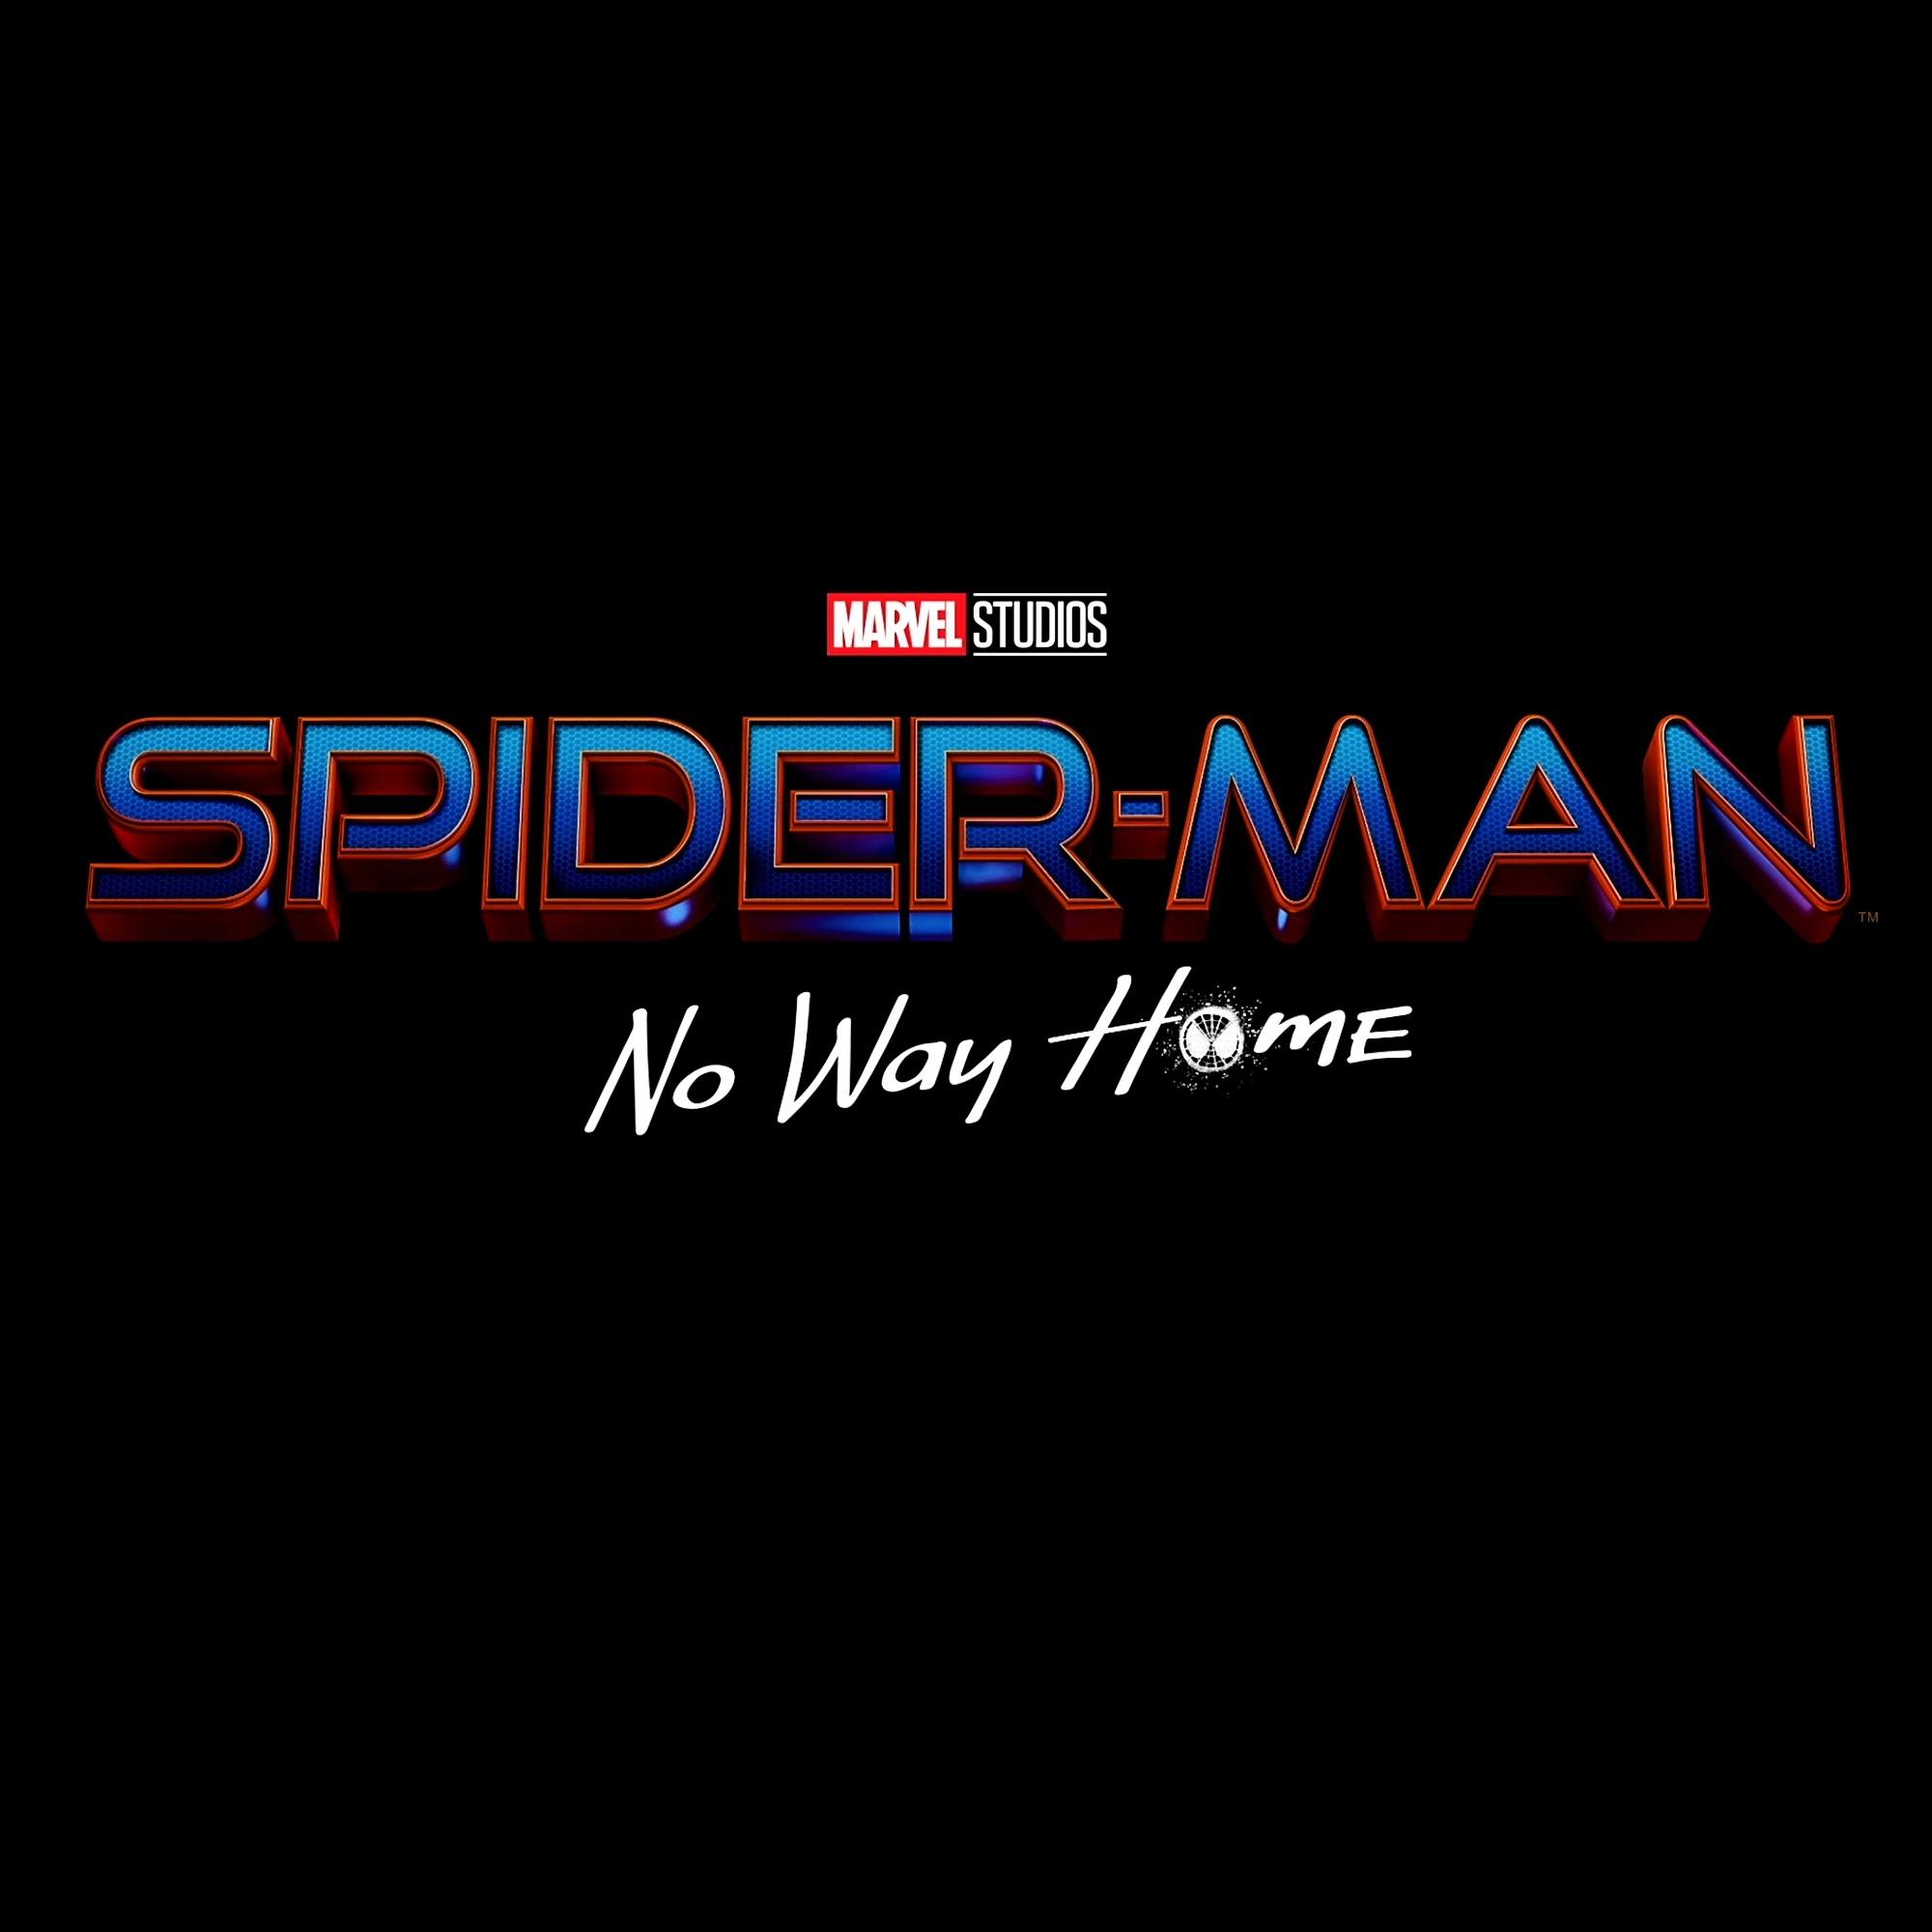 Spider-Man: No Way Home Movie Trailer Leak Video